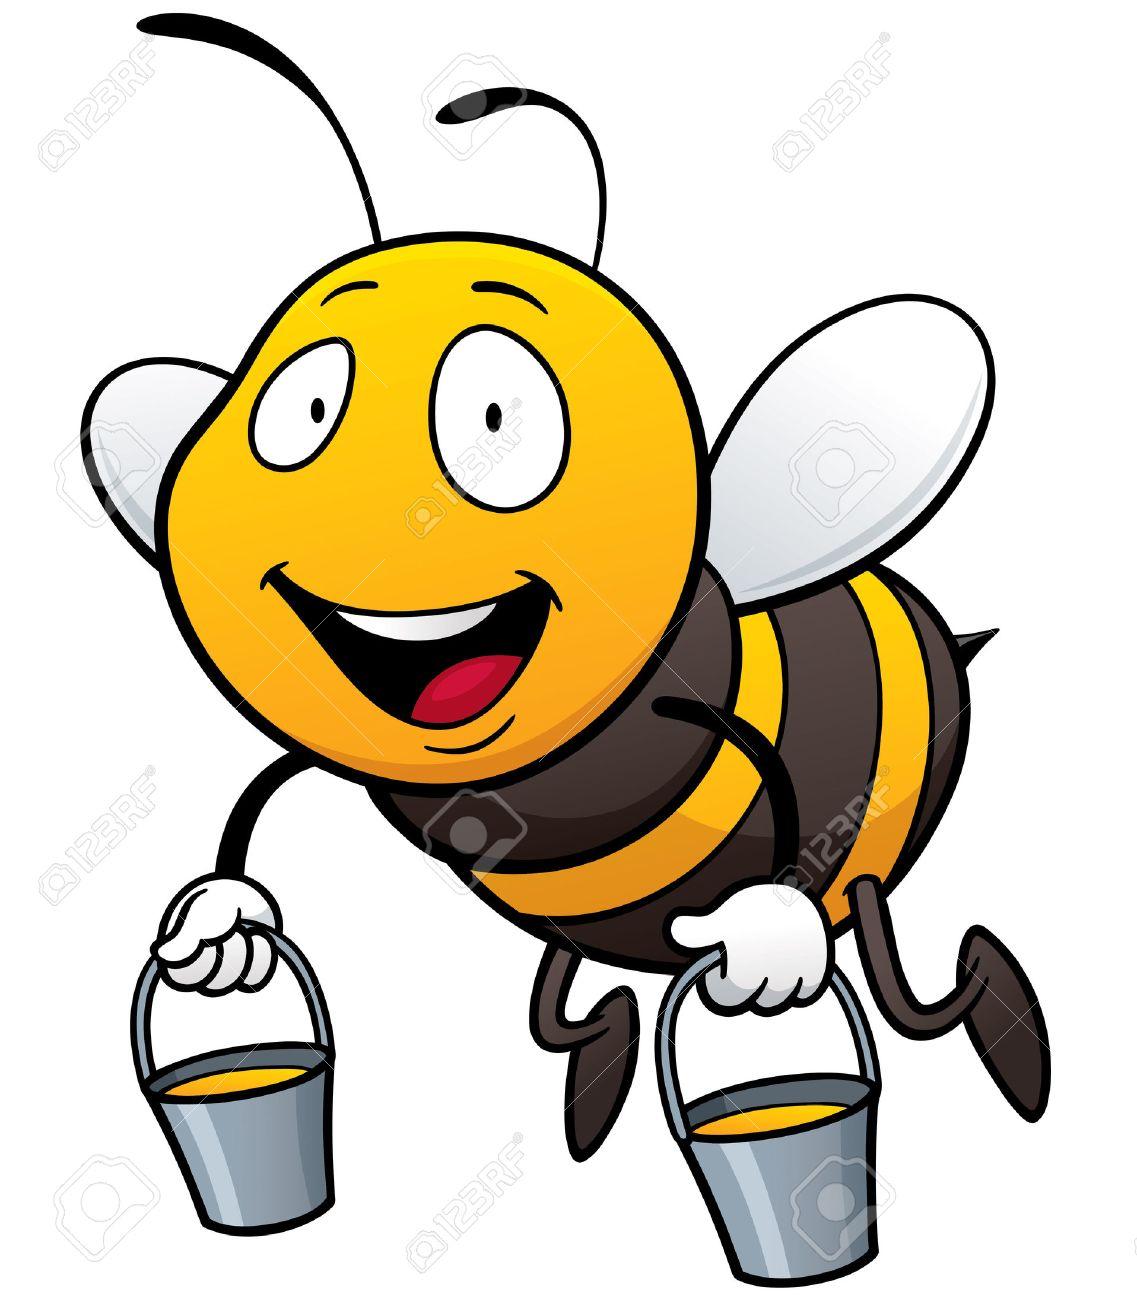 1137x1300 Honey Bee Drawing Cartoon Vector Illustration Of Cartoon Bee